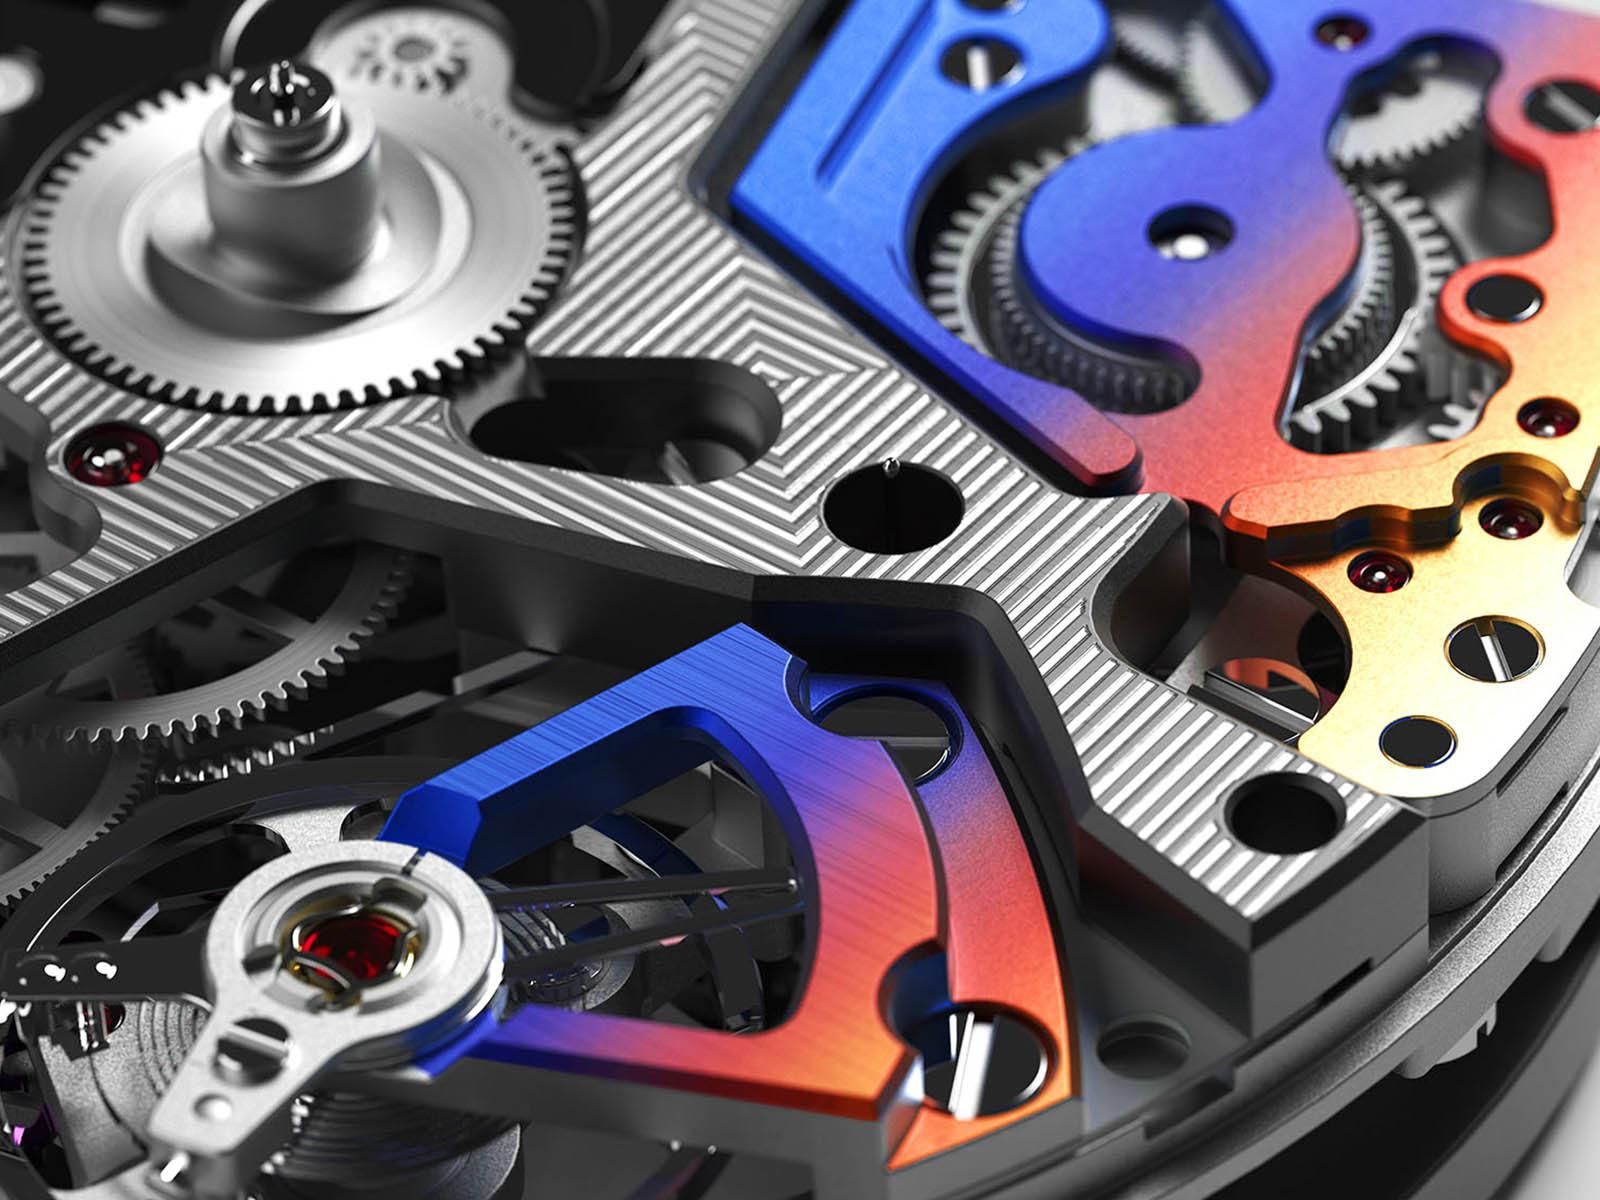 49-9008-9004-49-r782-zenith-defy-21-felipe-pantone-4.jpg